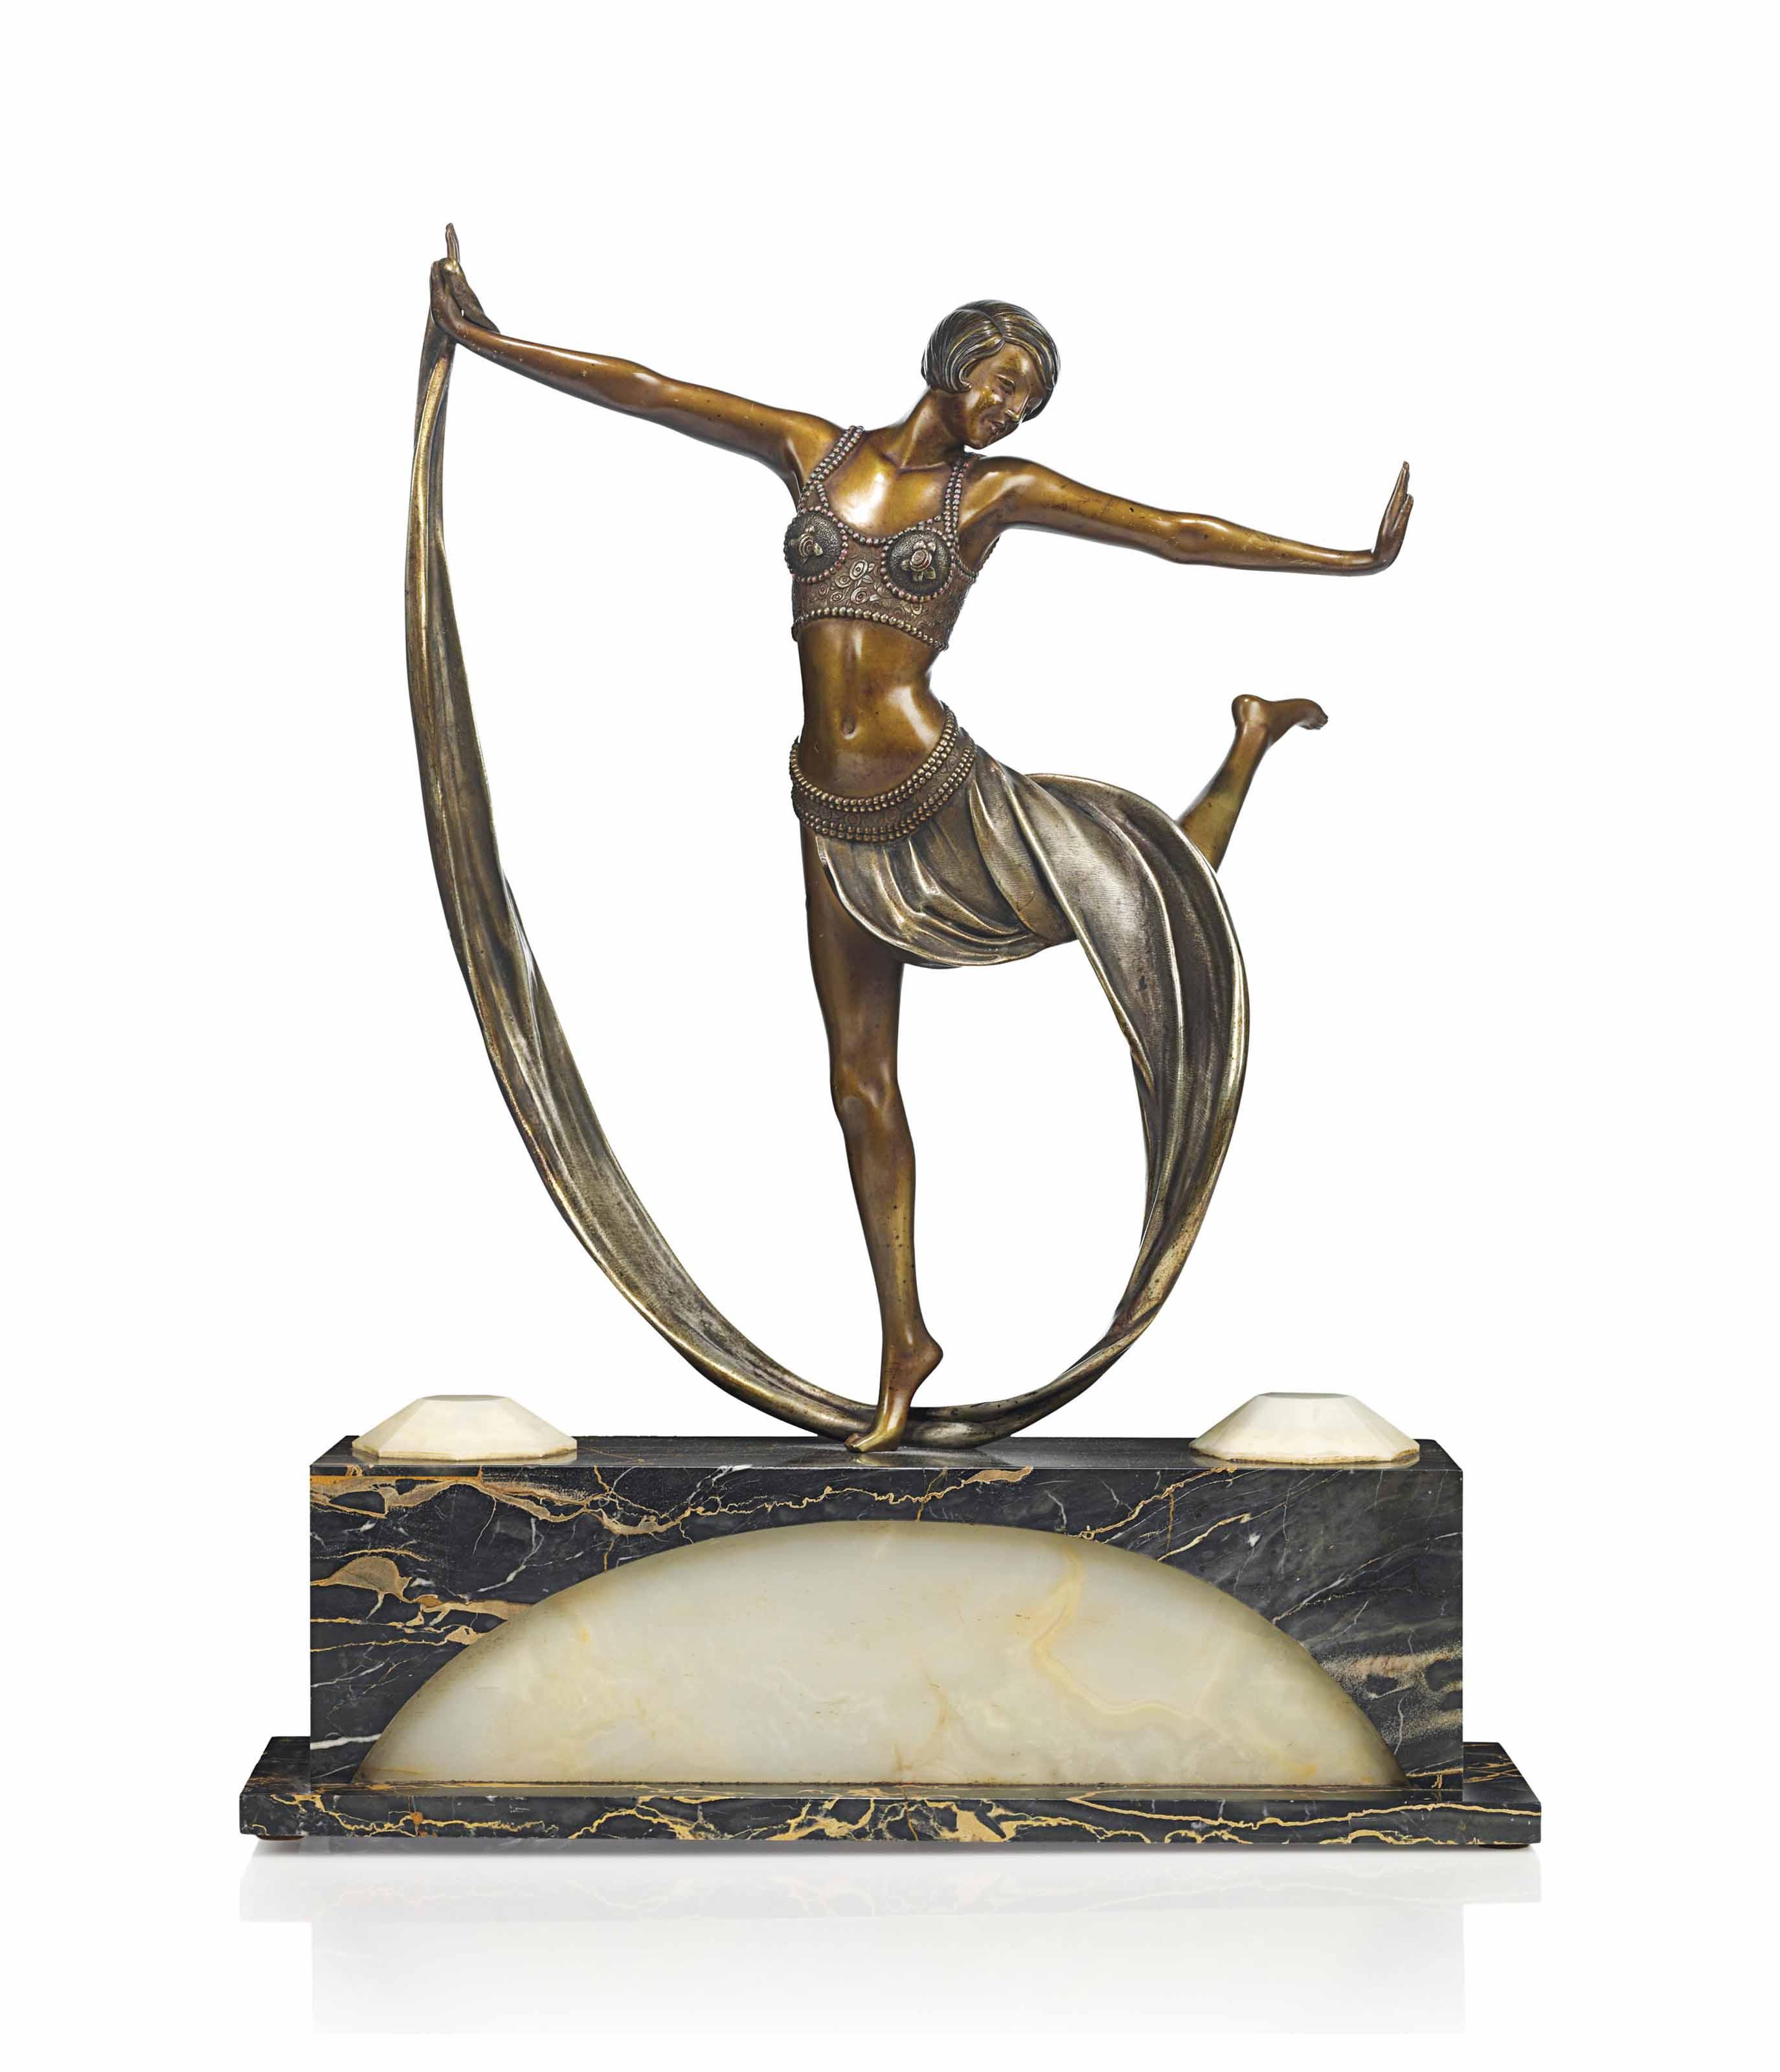 Esprit Art Deco Com a claire jeanne roberte colinet (1880-1950) art deco